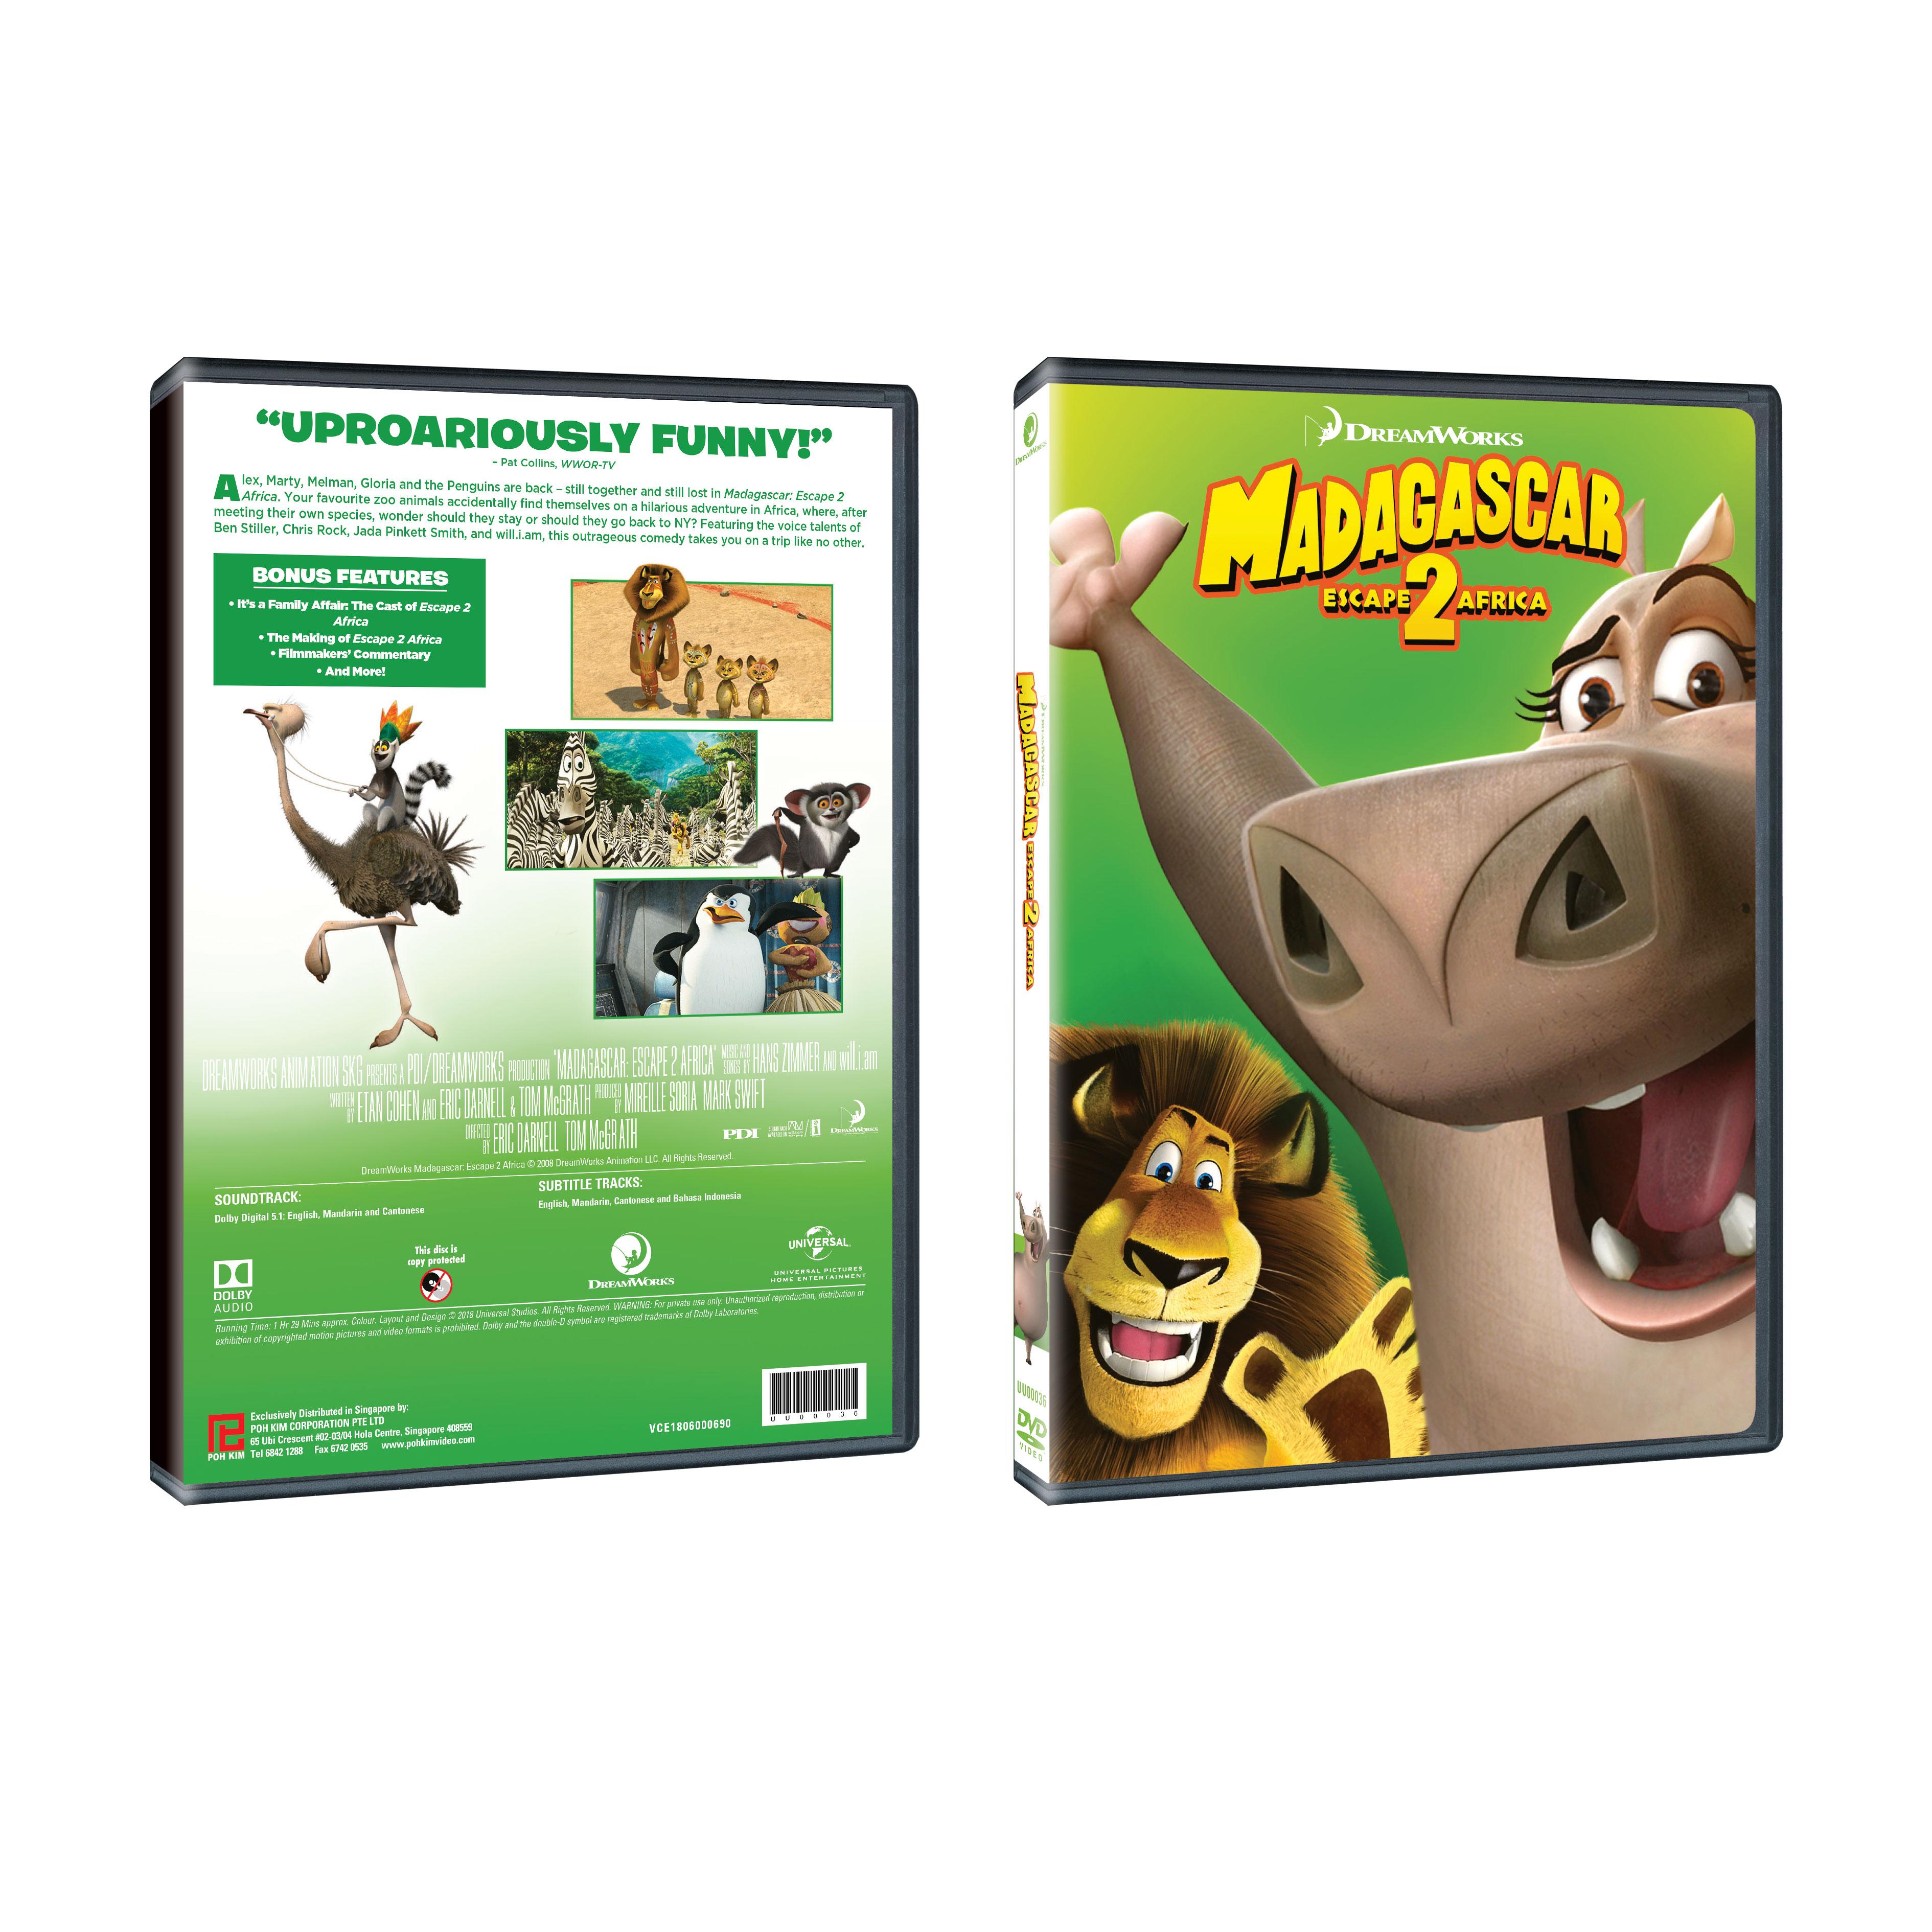 Madagascar Escape 2 Africa Dvd Poh Kim Video